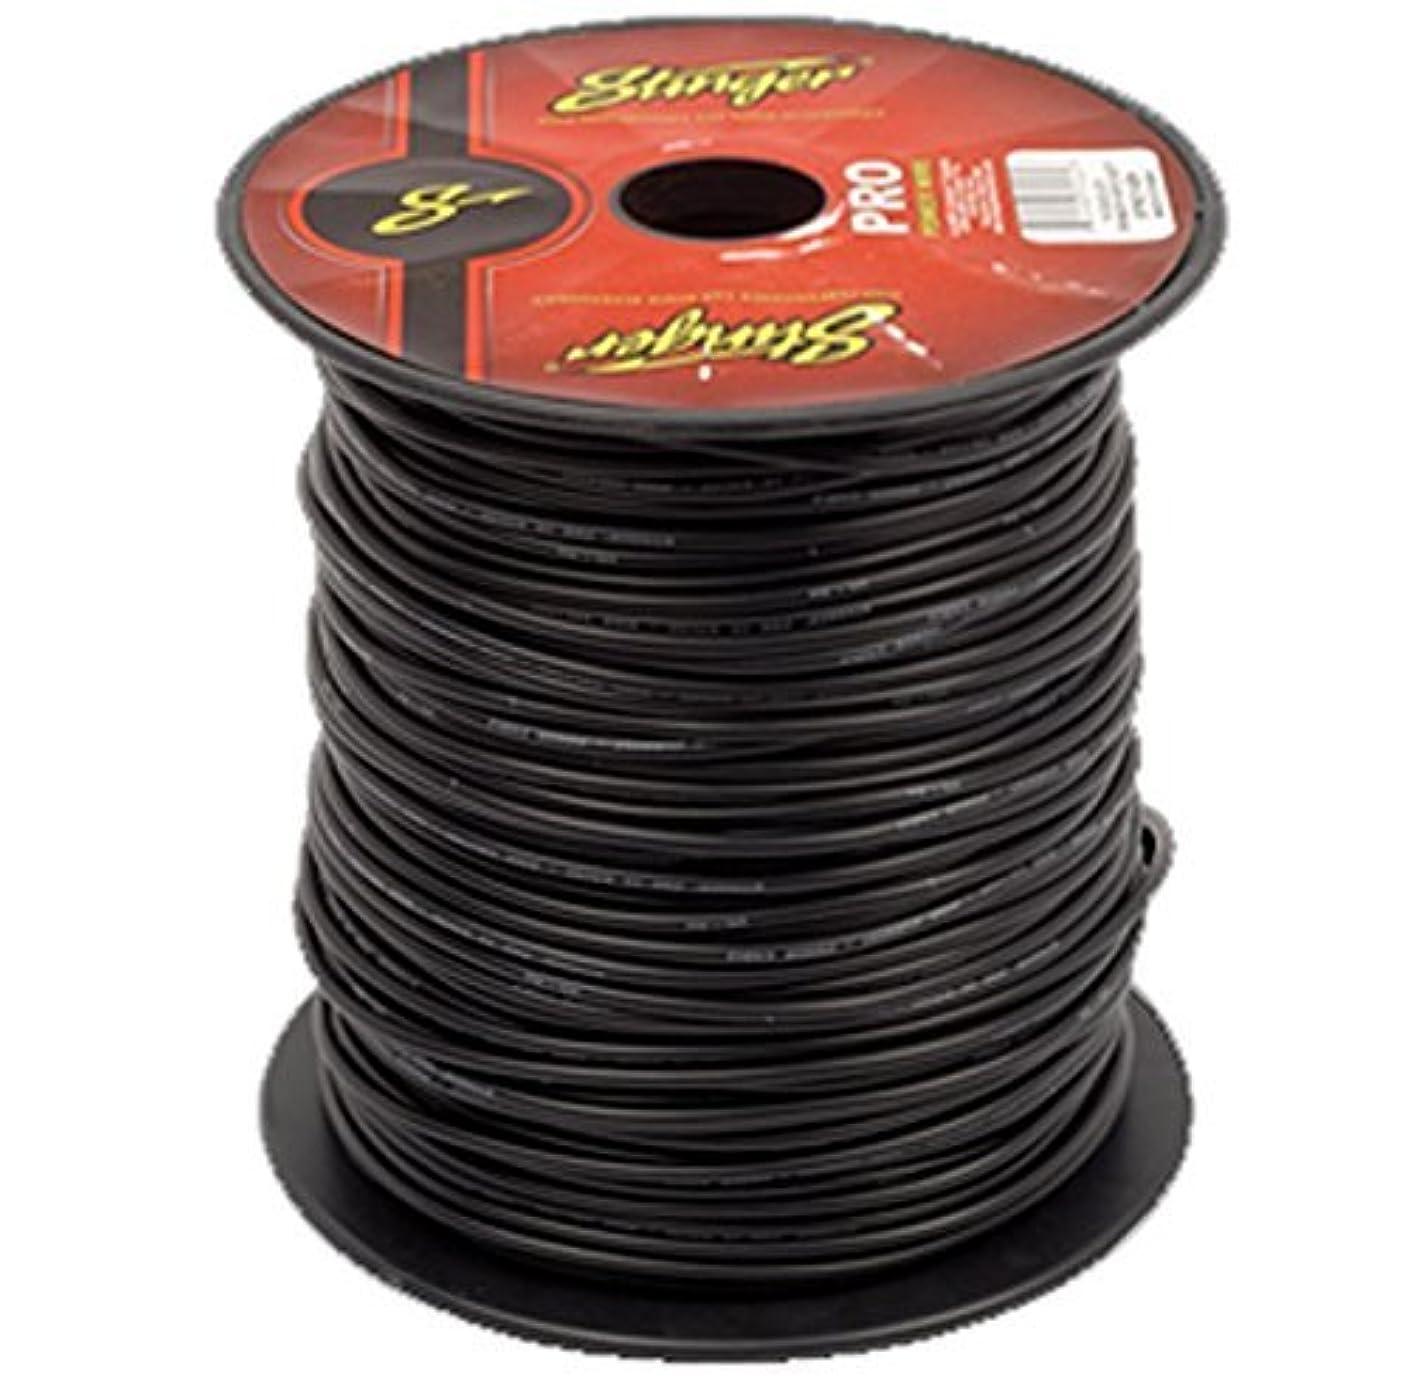 病者気分が良い流用するStinger SPW312BK Pro 12 AWG Gauge Power Wire 500-Feet (Black) [並行輸入品]